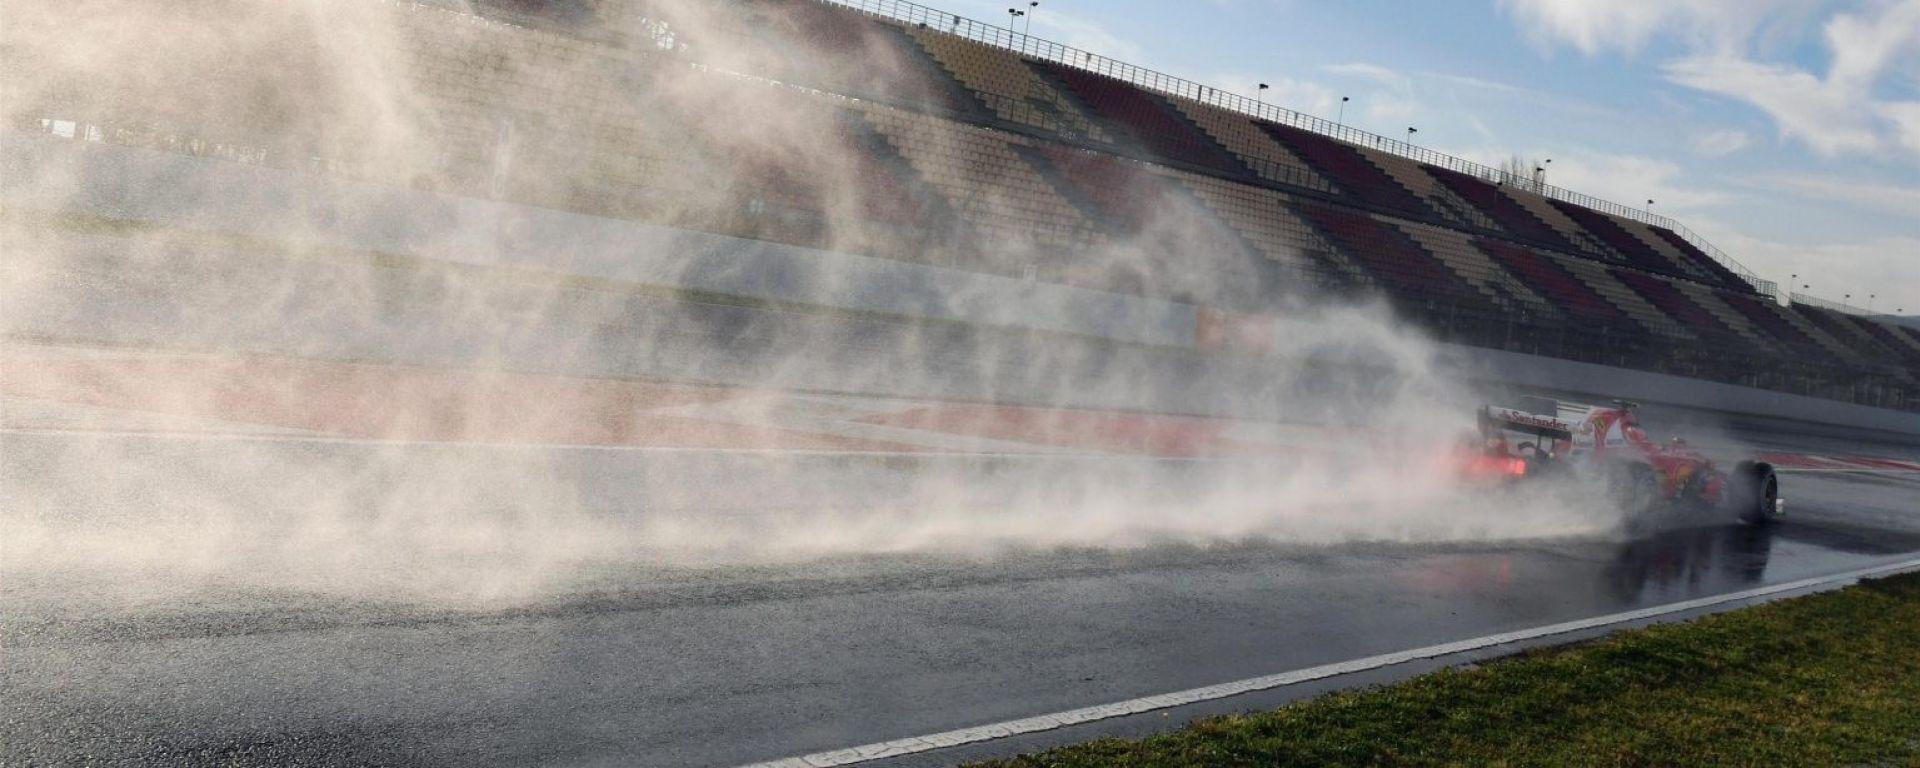 Raikkonen sulla Ferrari - F1 2017 test pre-stagionali Barcellona